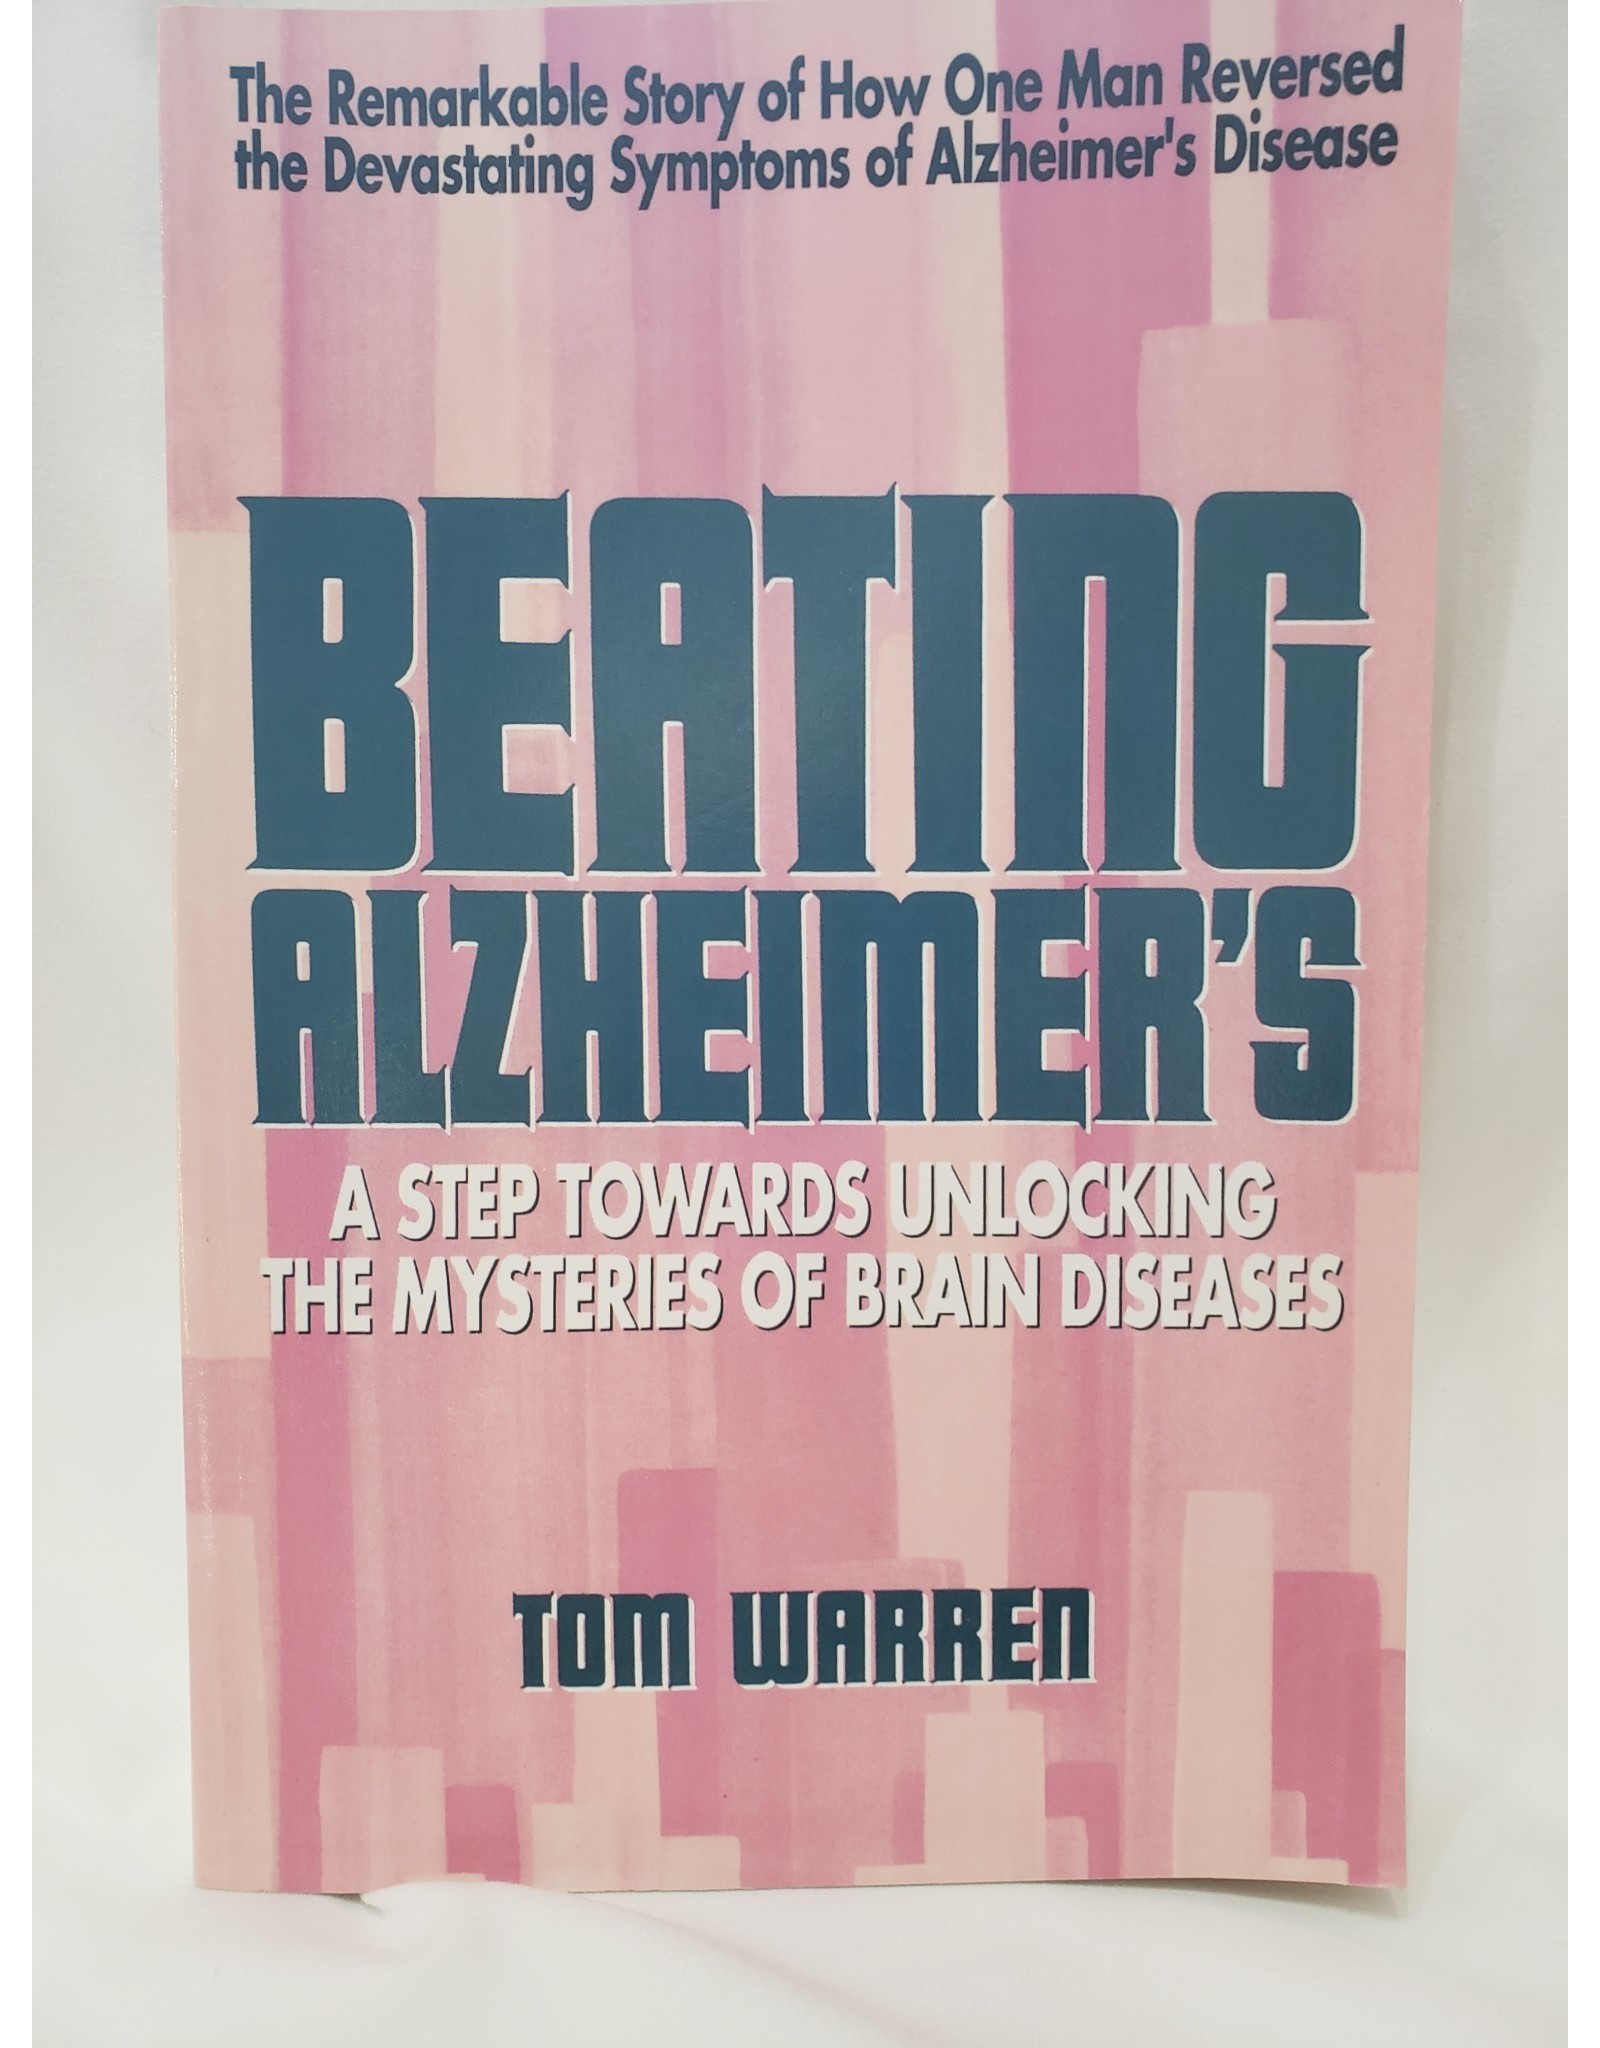 Beating Alzheimer's